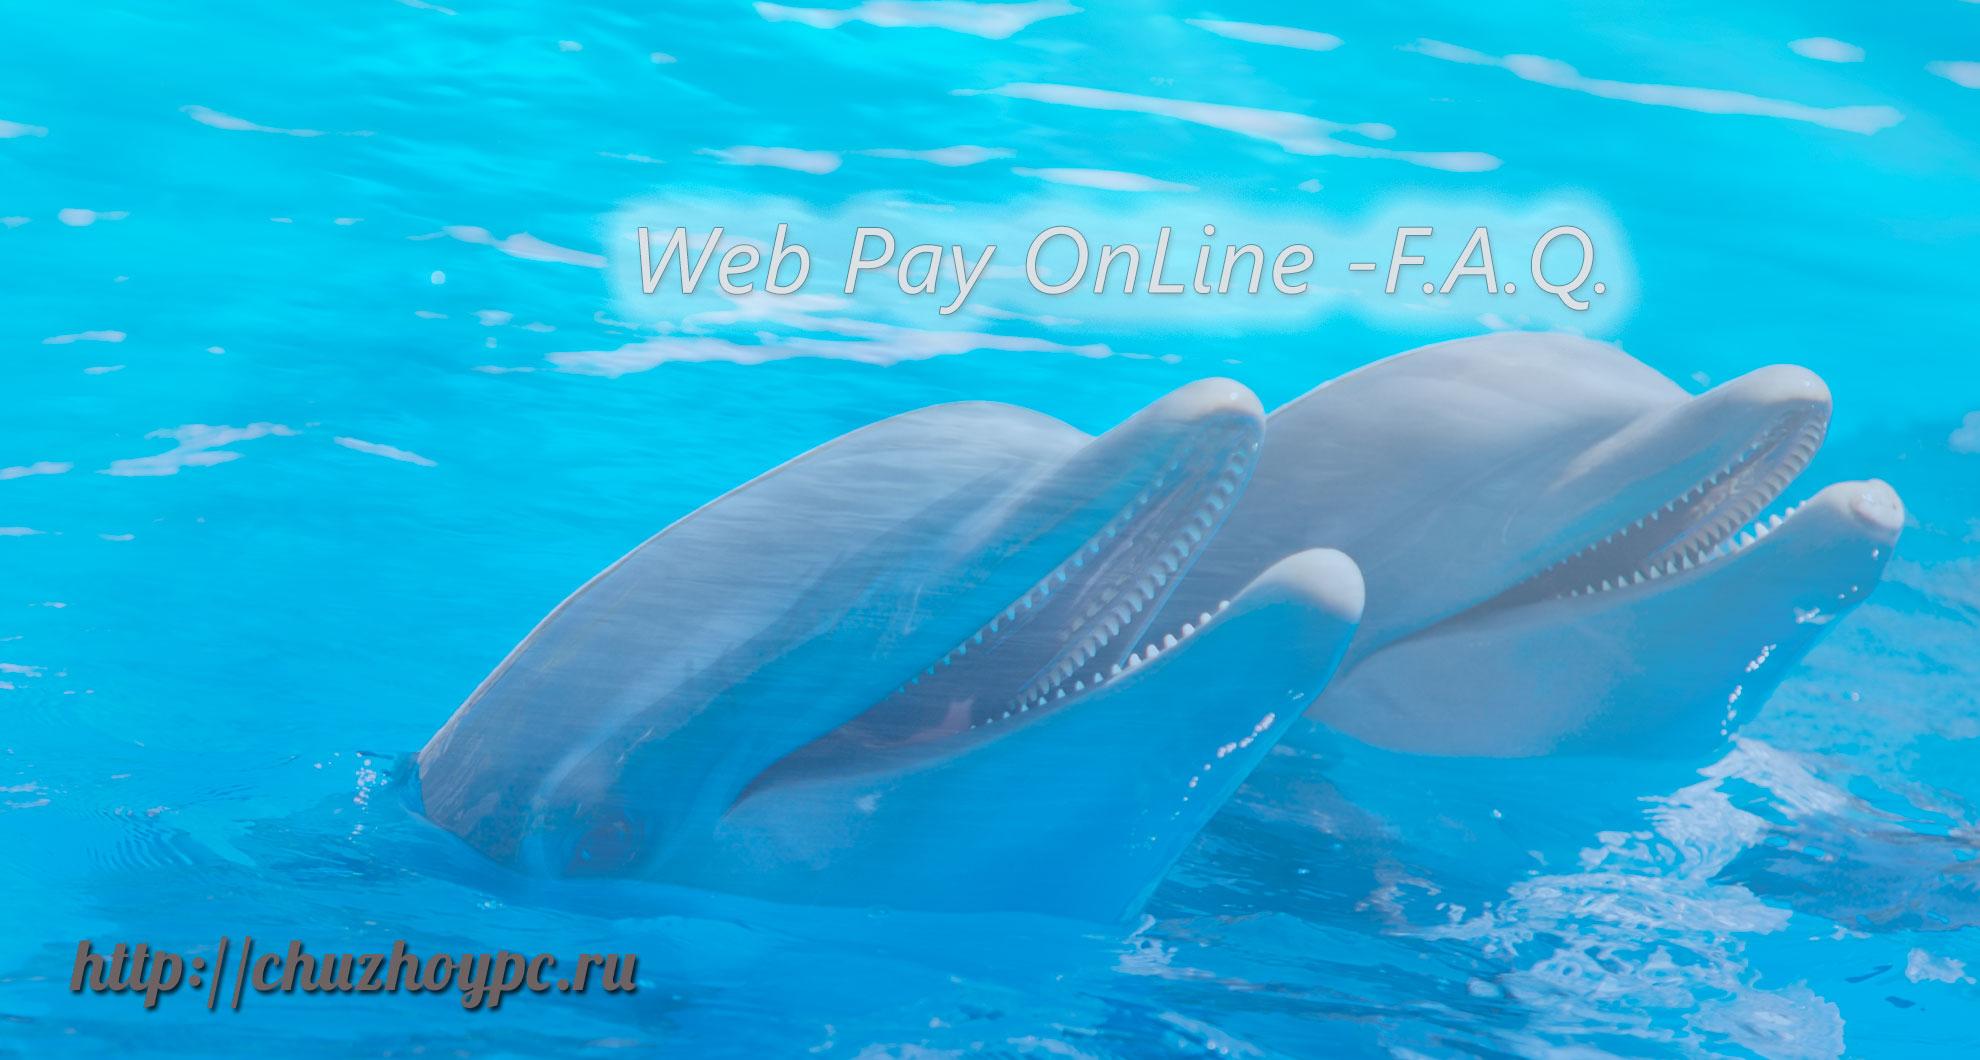 WEB Payment Methods Online